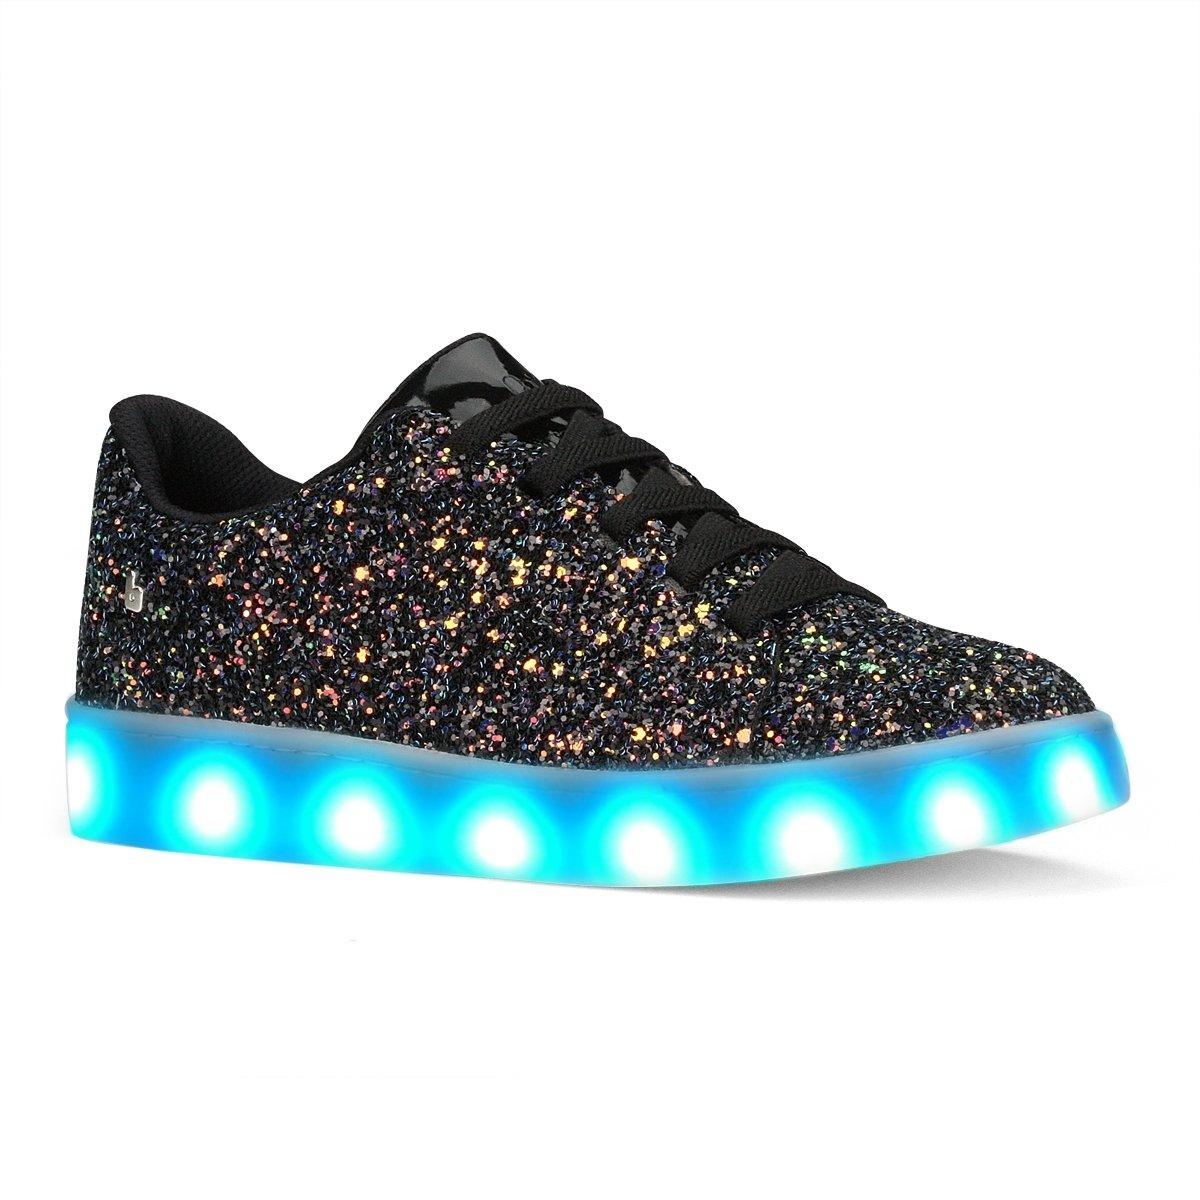 aa77c6440 Bizz Store - Tênis De LED Infantil Bibi Clique-se Colors Glitter